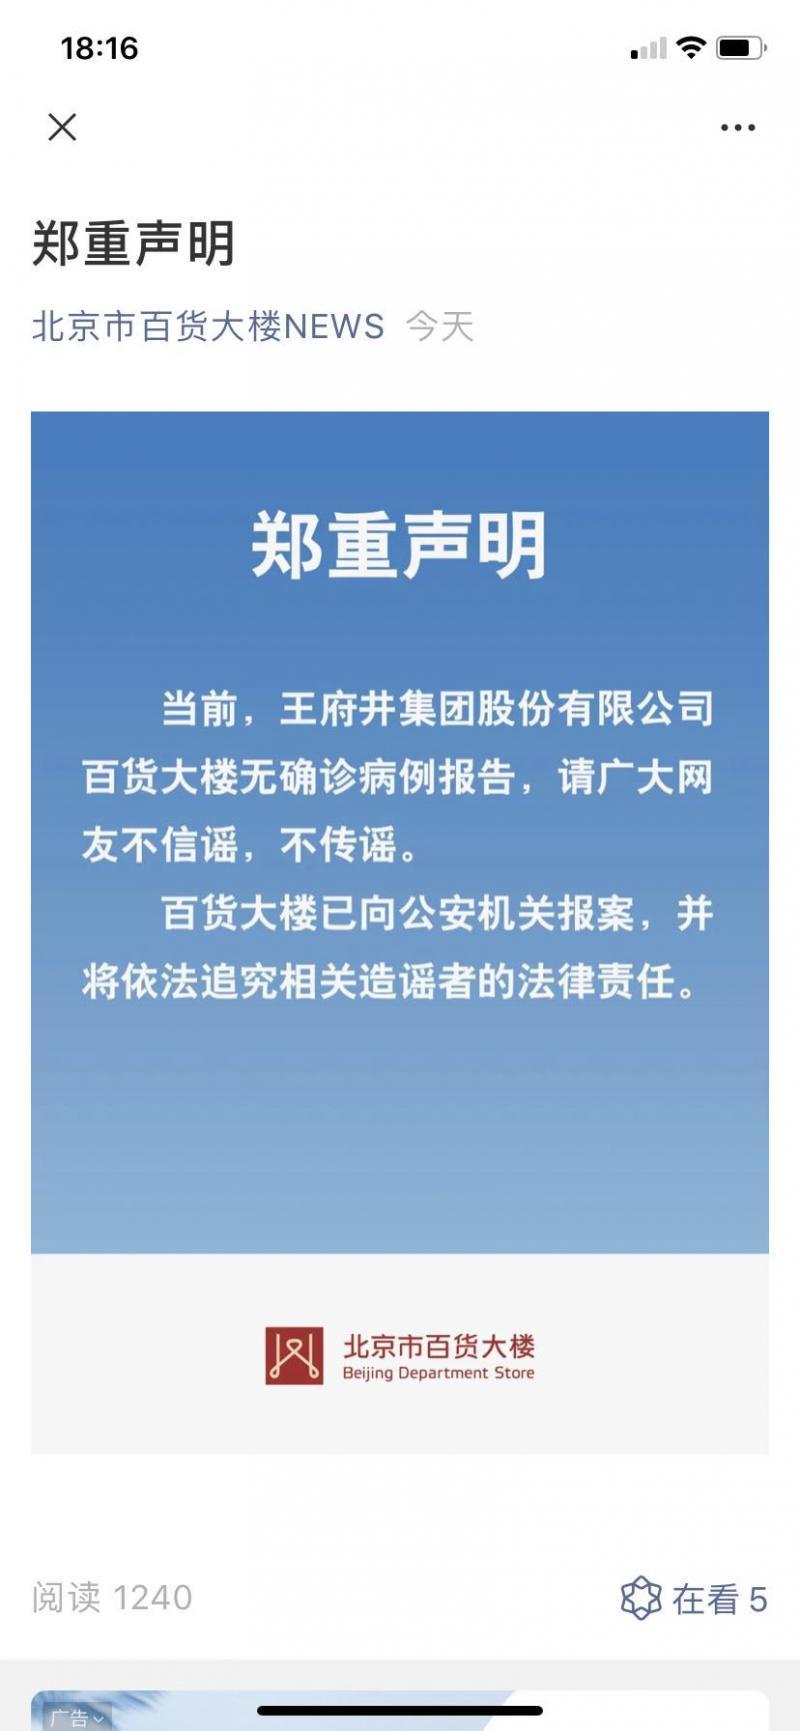 【网络营销策划书范文】_王府井百货大楼出现确诊病例?谣言!